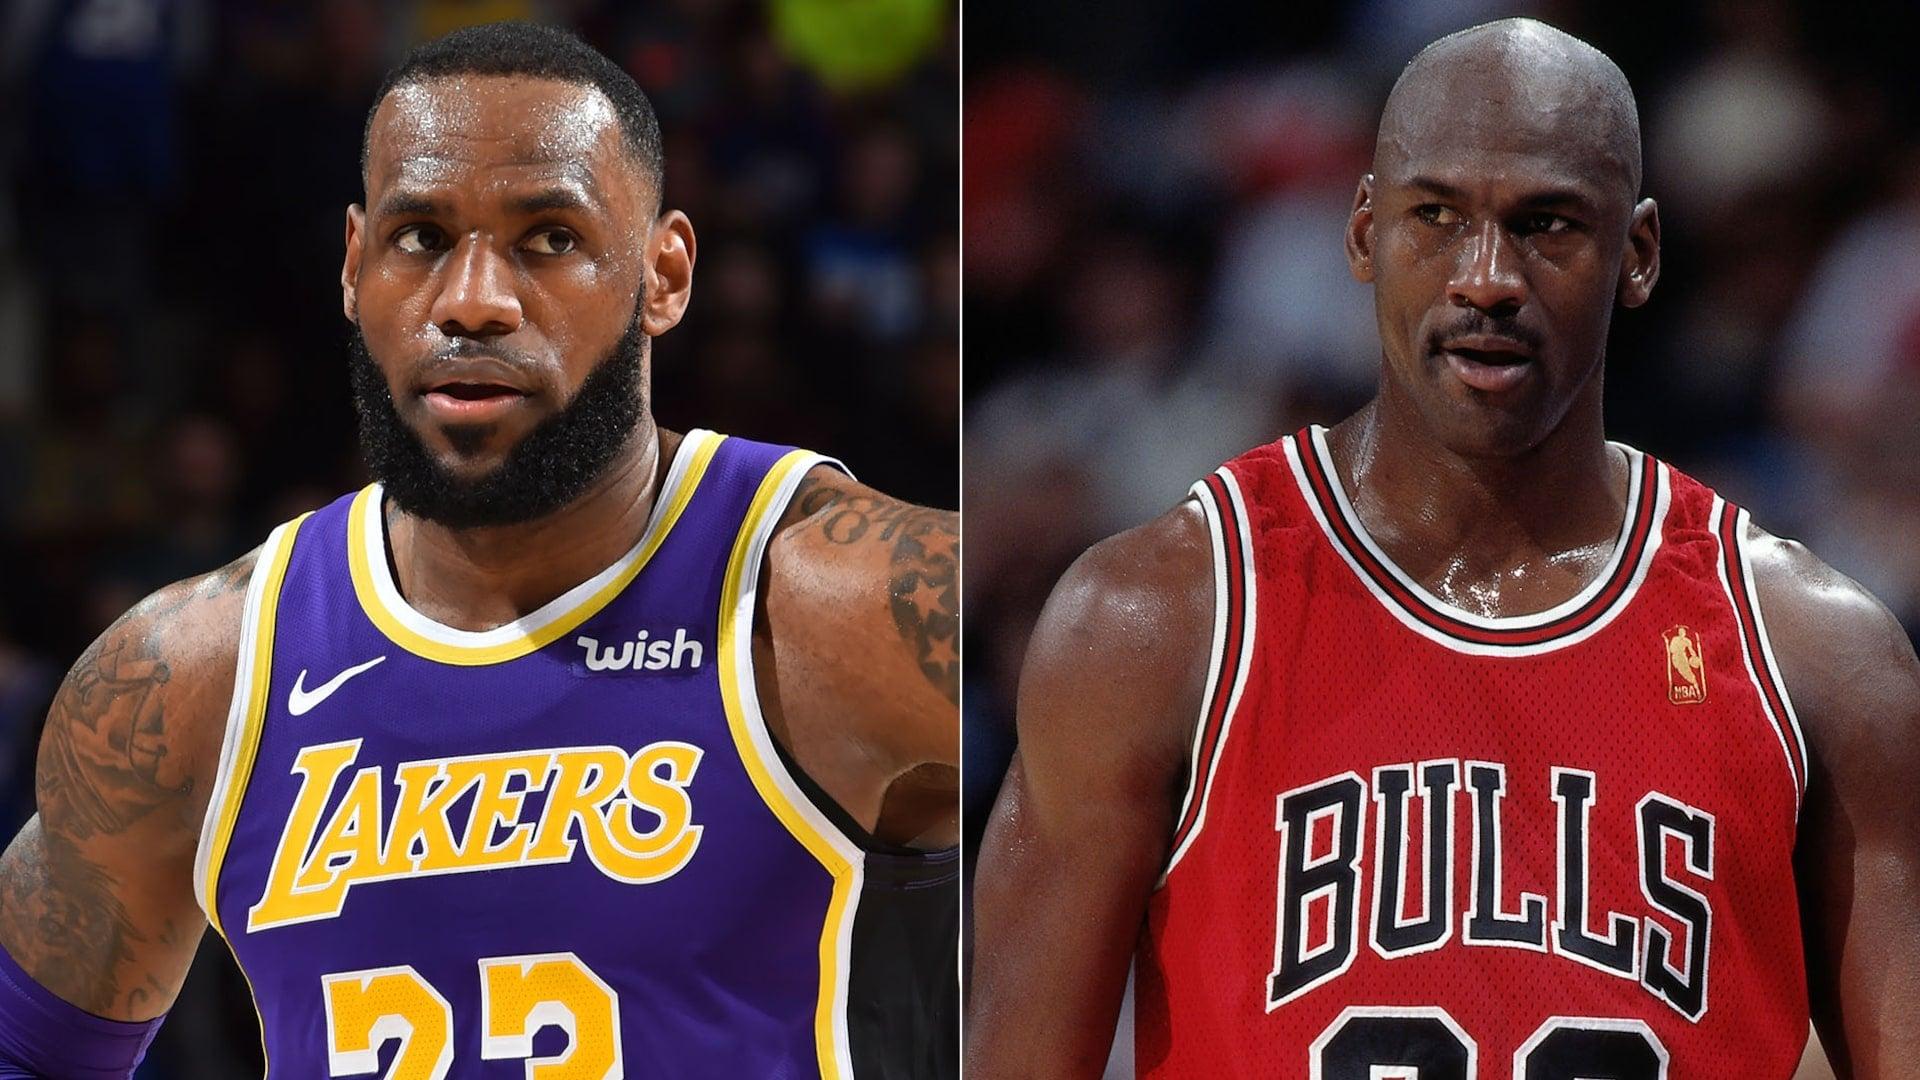 Corrección obesidad Una vez más  Jordan vs. LeBron, LeBron vs. Jordan ... either way, it's a taste test |  NBA.com